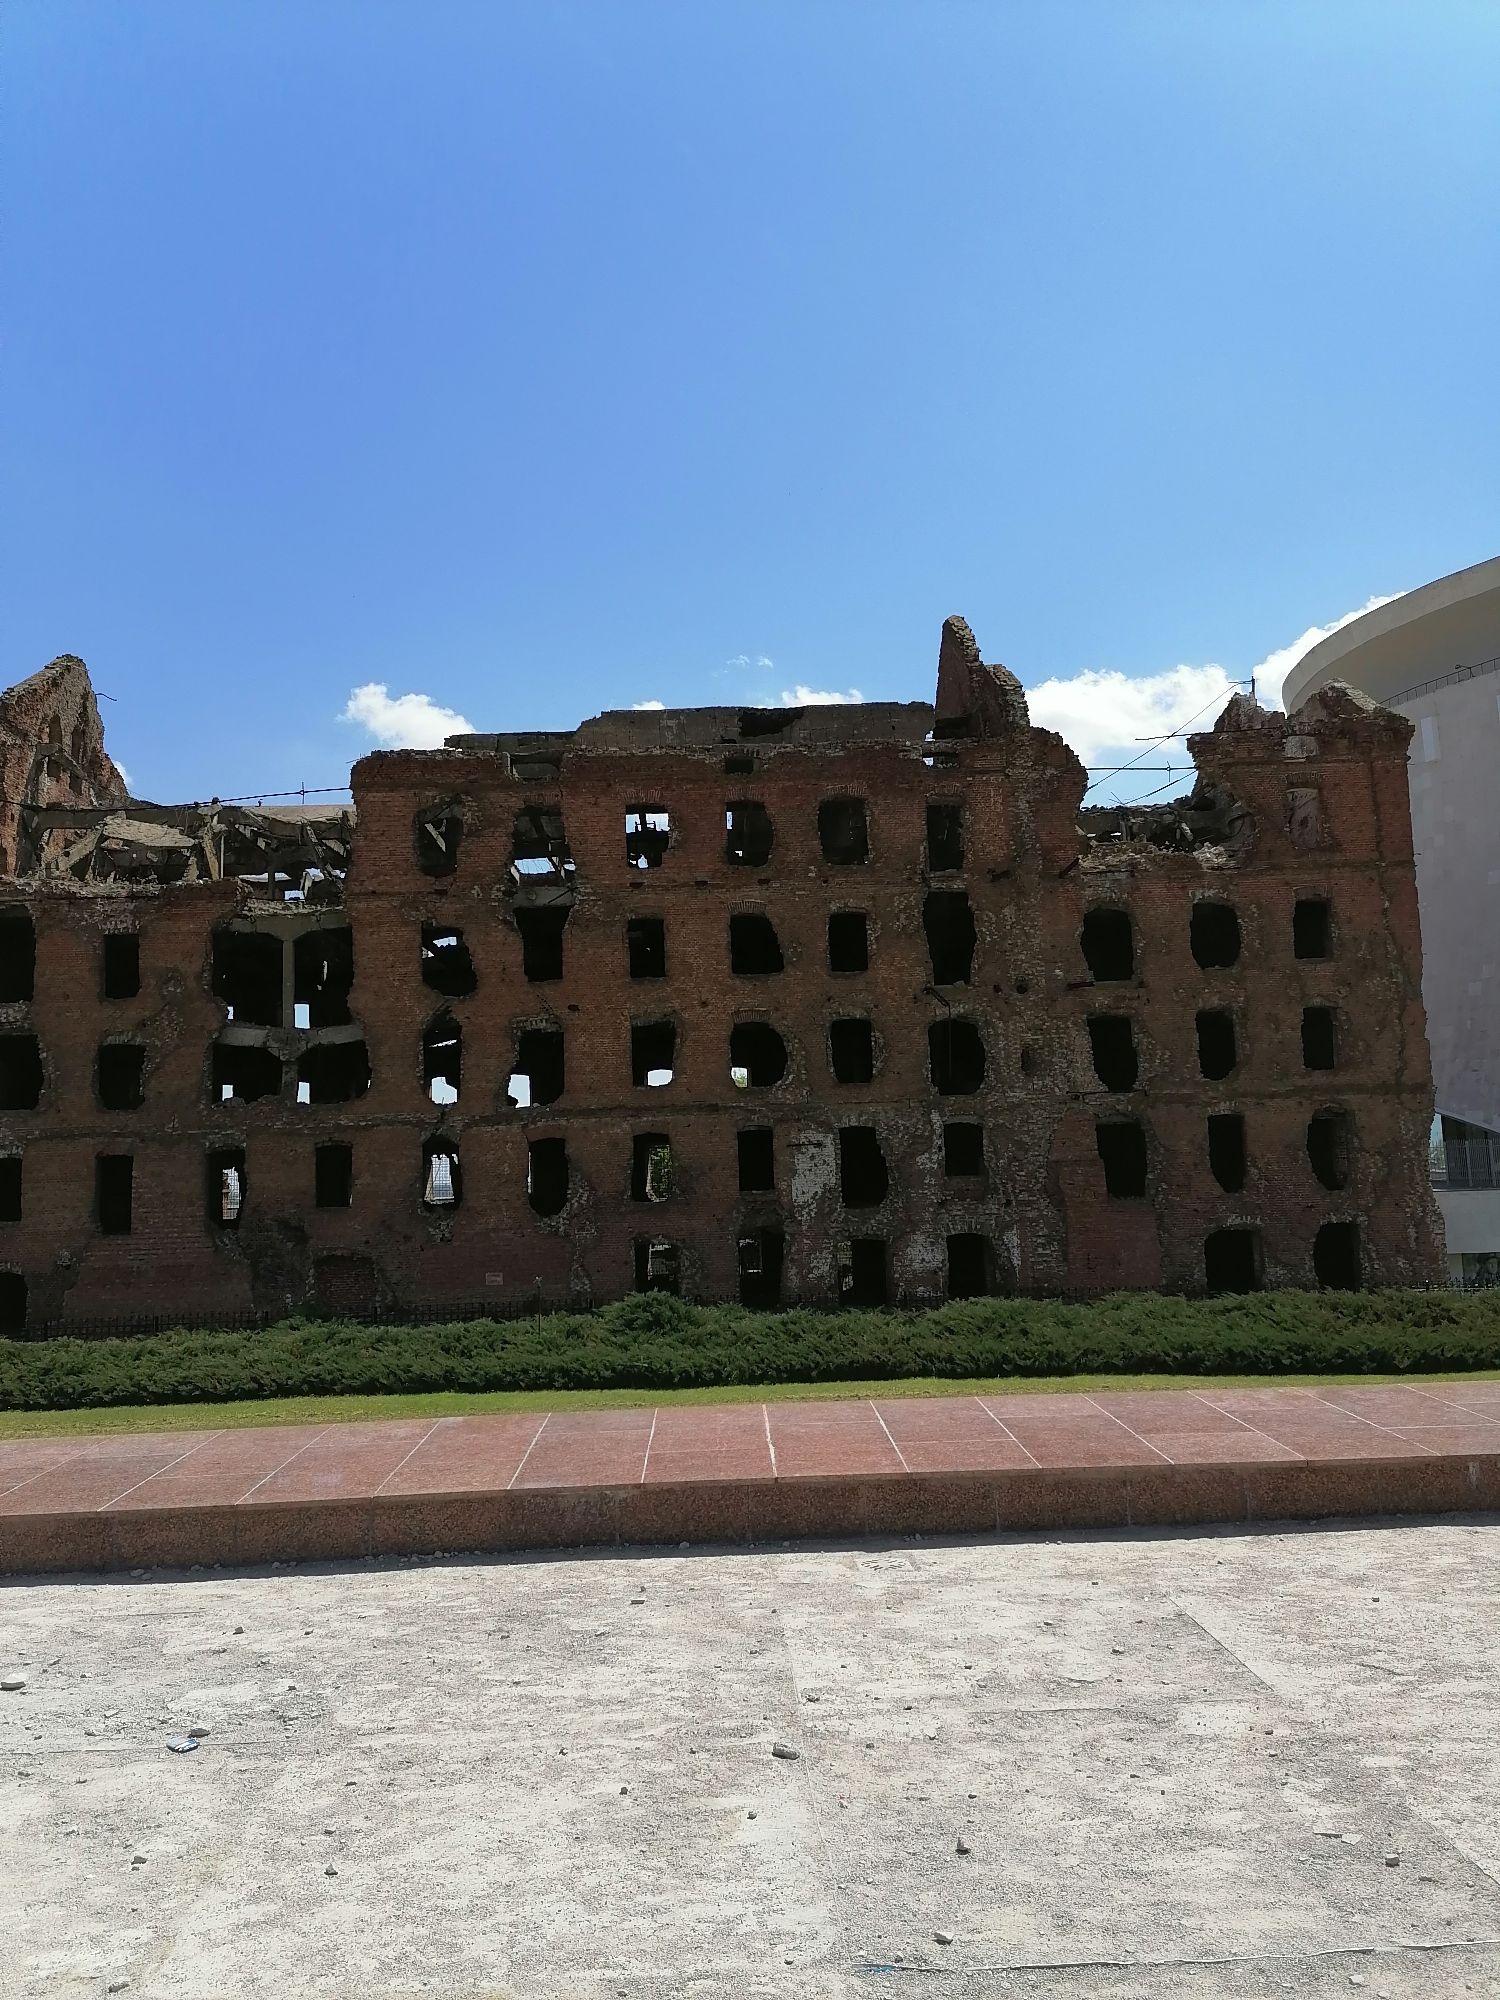 я просто стояла и смотрела на эти развалины.